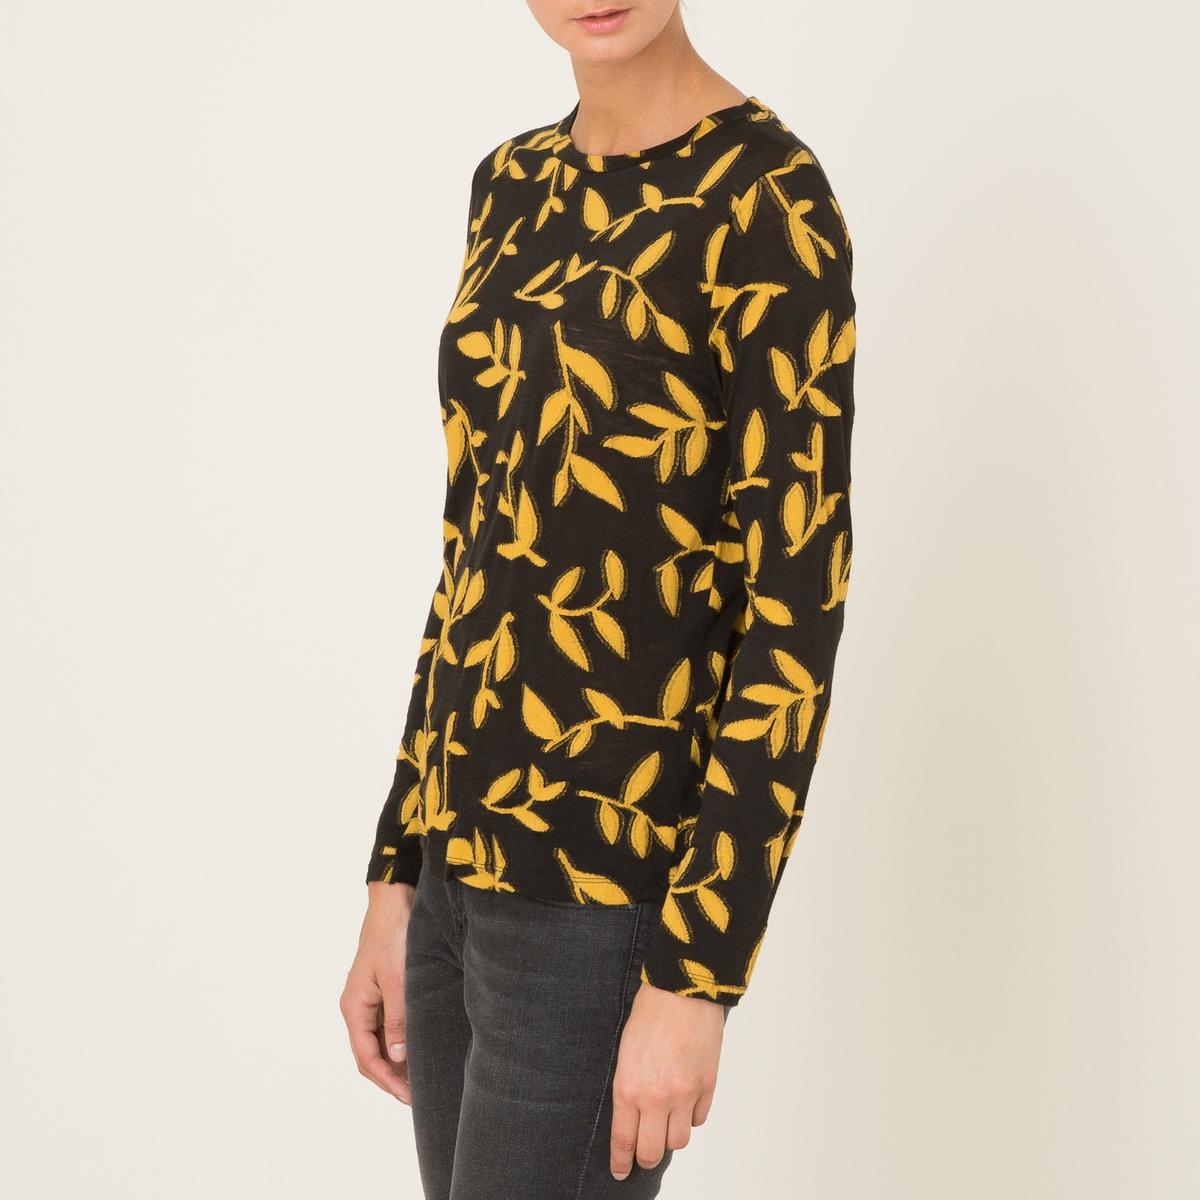 Пуловер REBECCAПуловер - модель REBECCA, из двухцветного жаккардового трикотажа. Объемный покрой. Круглый вырез. Длинные рукава. Сплошной цветочный рисунок. Состав и описание :Материал : 50% шерсти, 50% вискозыМарка : MOMONI<br><br>Цвет: черный/ желтый